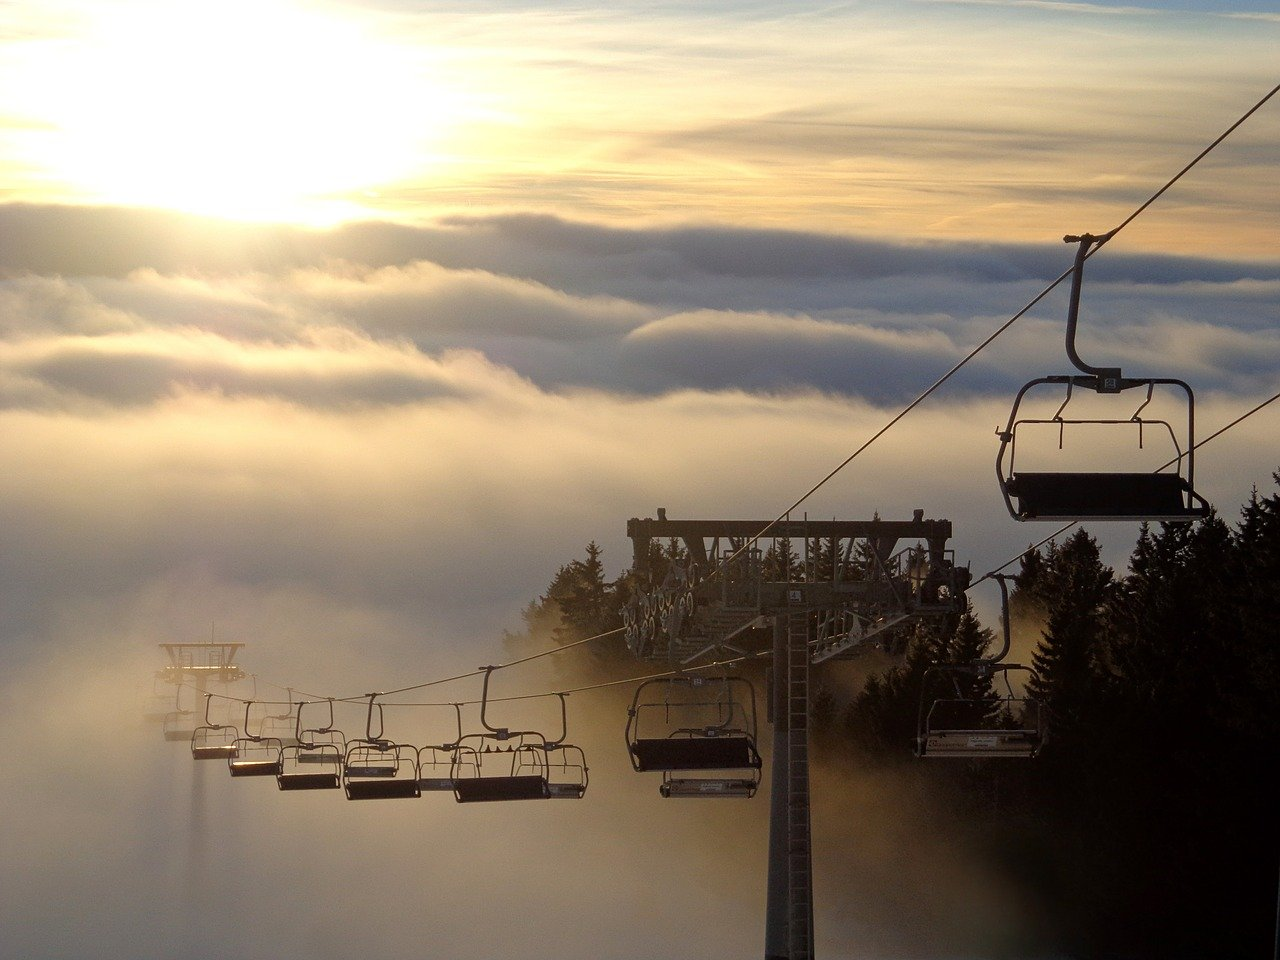 Nachhaltiges Skifahren: Welche sind die Initiativen und wo? nachhaltiger Sport